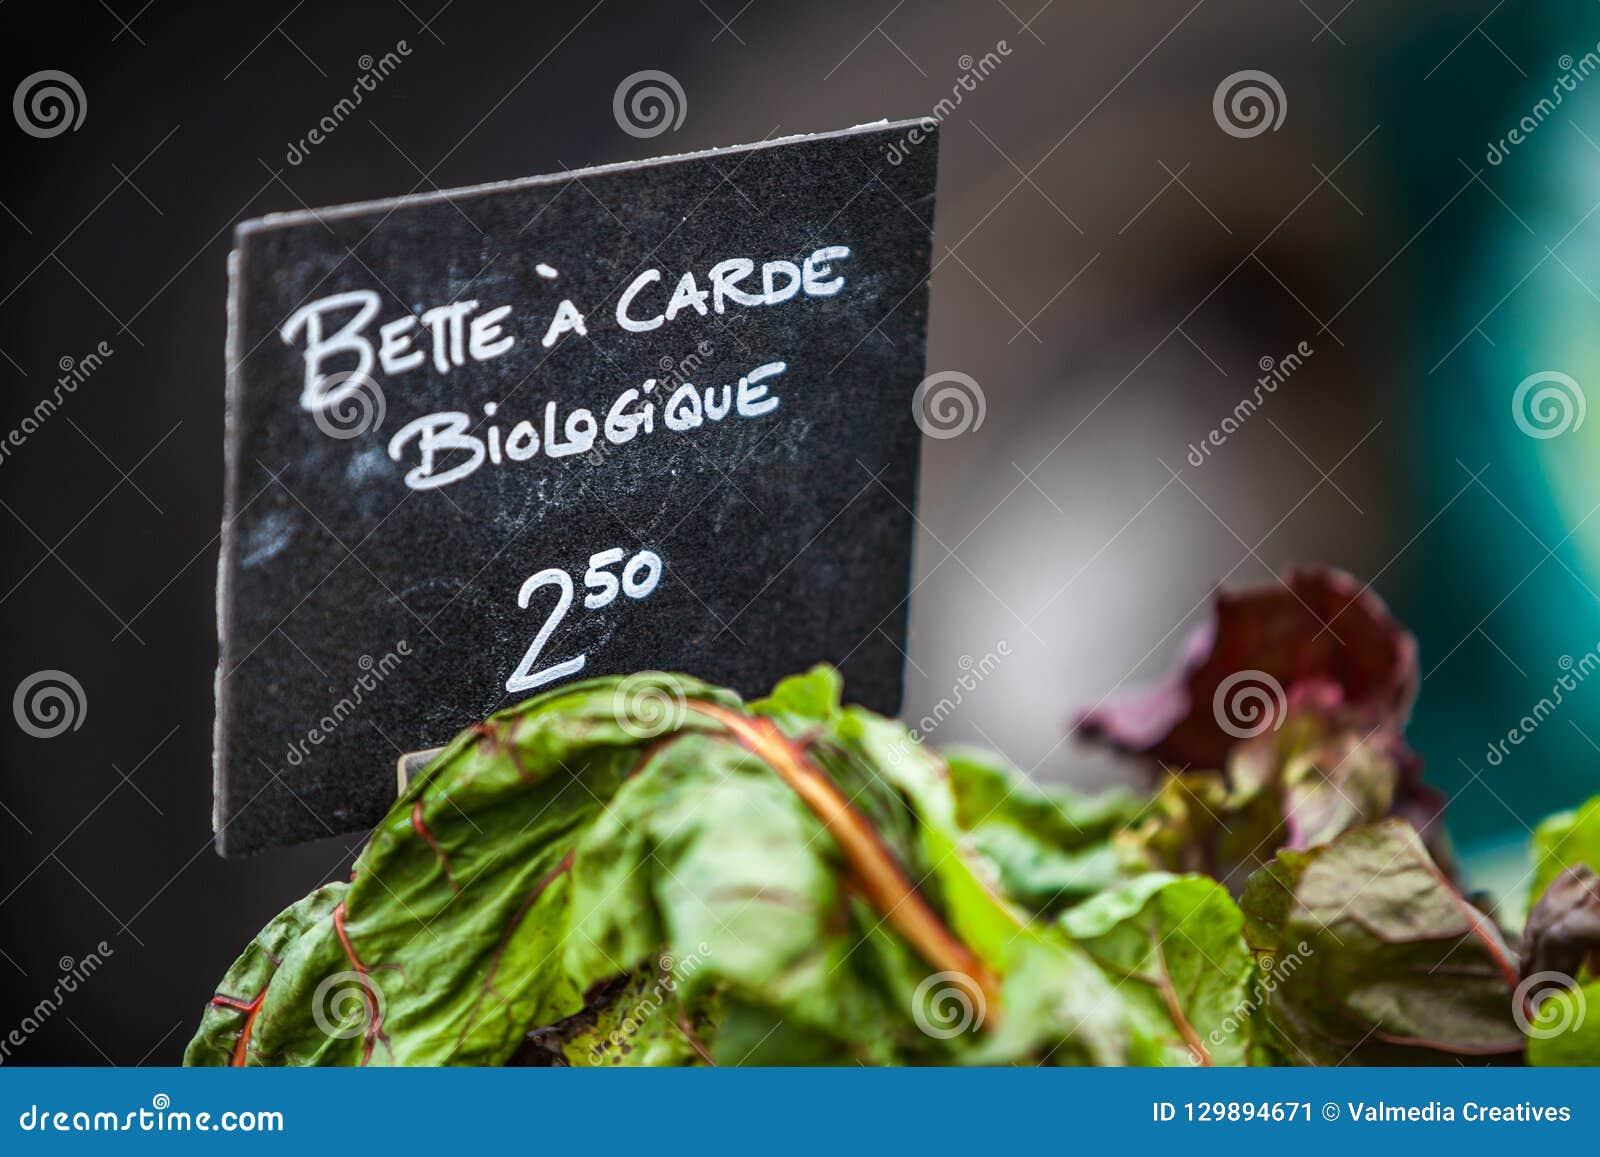 Kritatecken som säljer den organiska schweiziska charden under biologiquen för carde för ½ för ¿ för namnbetteï